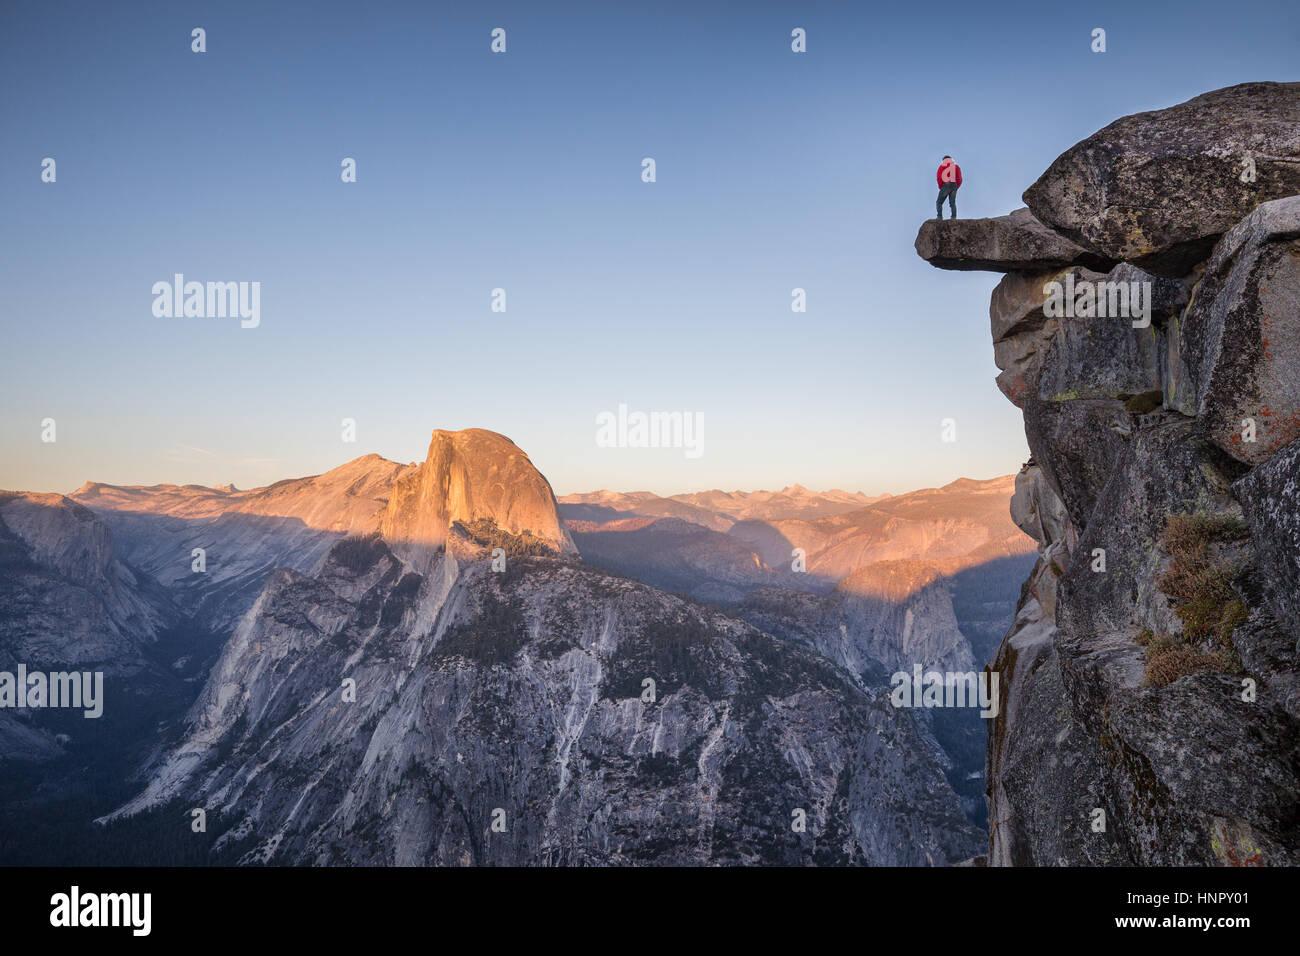 Un maschio di escursionista in piedi su una roccia a strapiombo a Glacier Point godendo la vista mozzafiato verso Immagini Stock